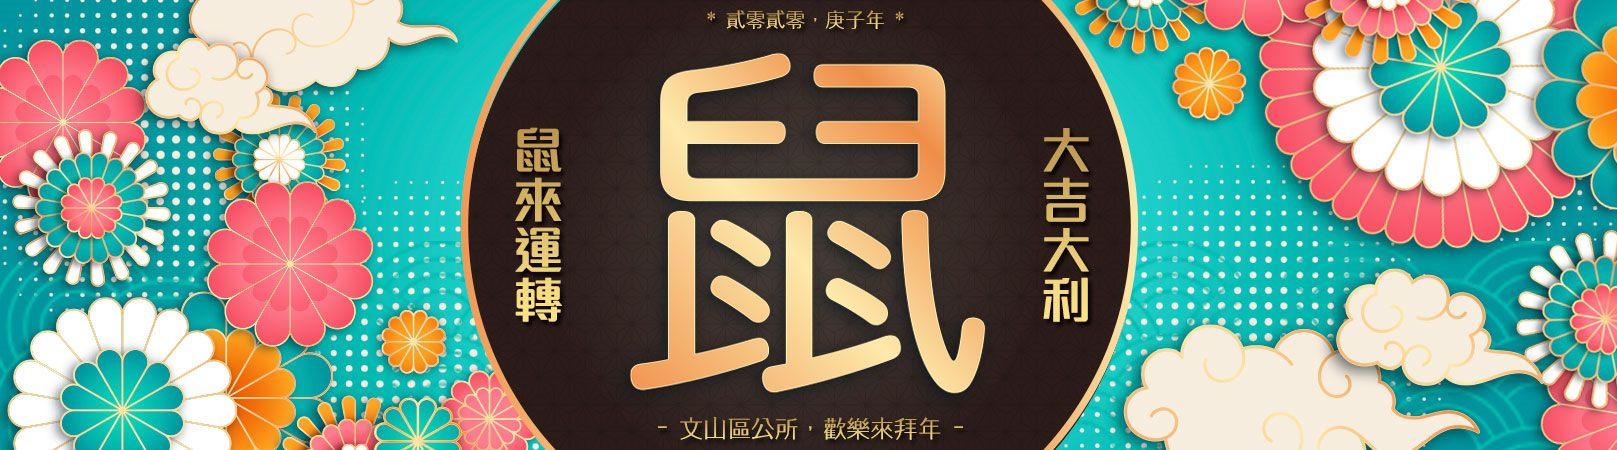 文山區公所祝您新年快樂